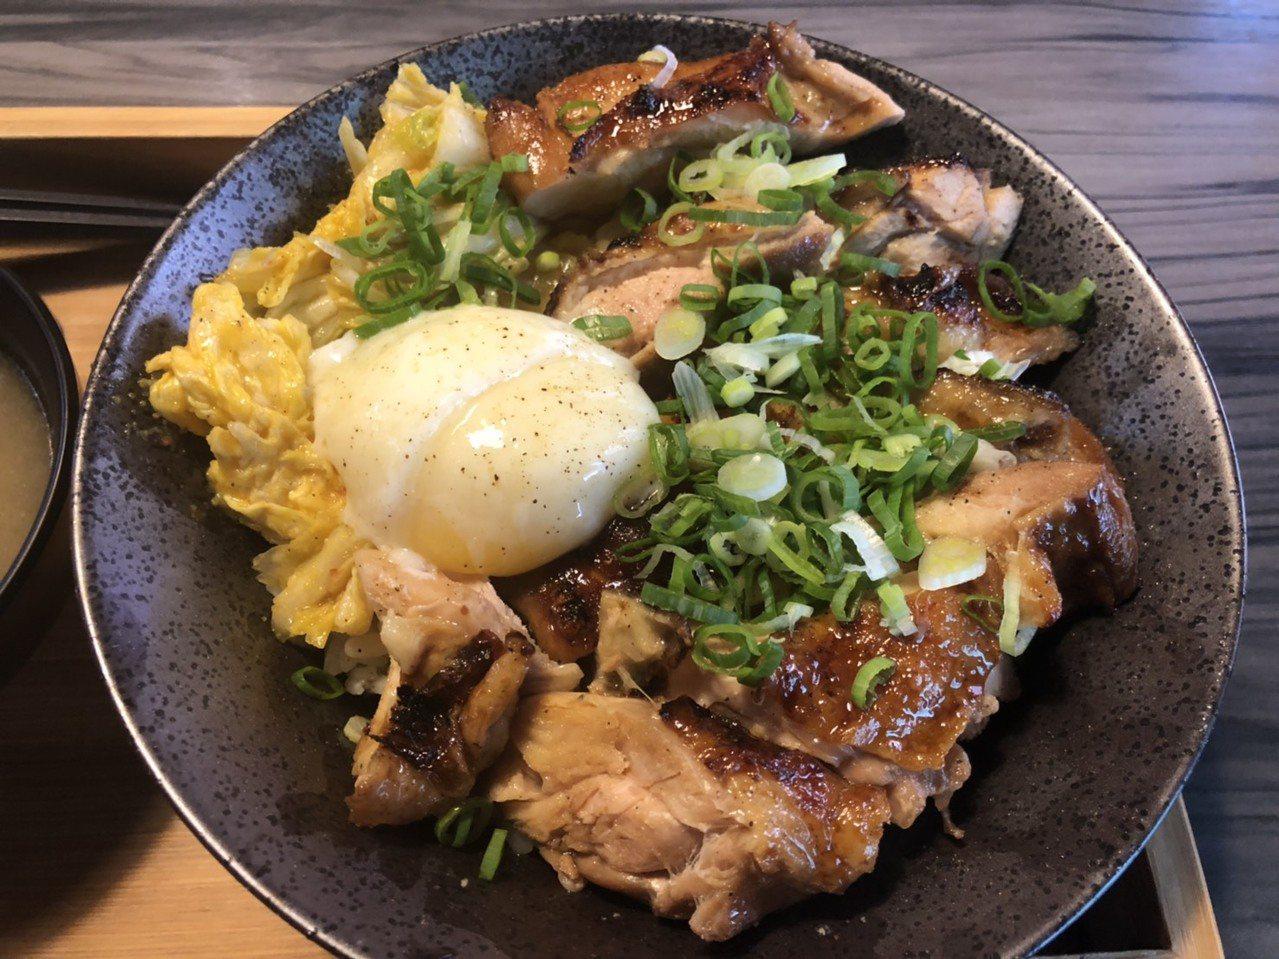 雞腿丼則經過低溫烹調,口感軟嫩多汁,在搭配黃金泡菜、溫泉蛋與獨門醬汁,完美的結合...